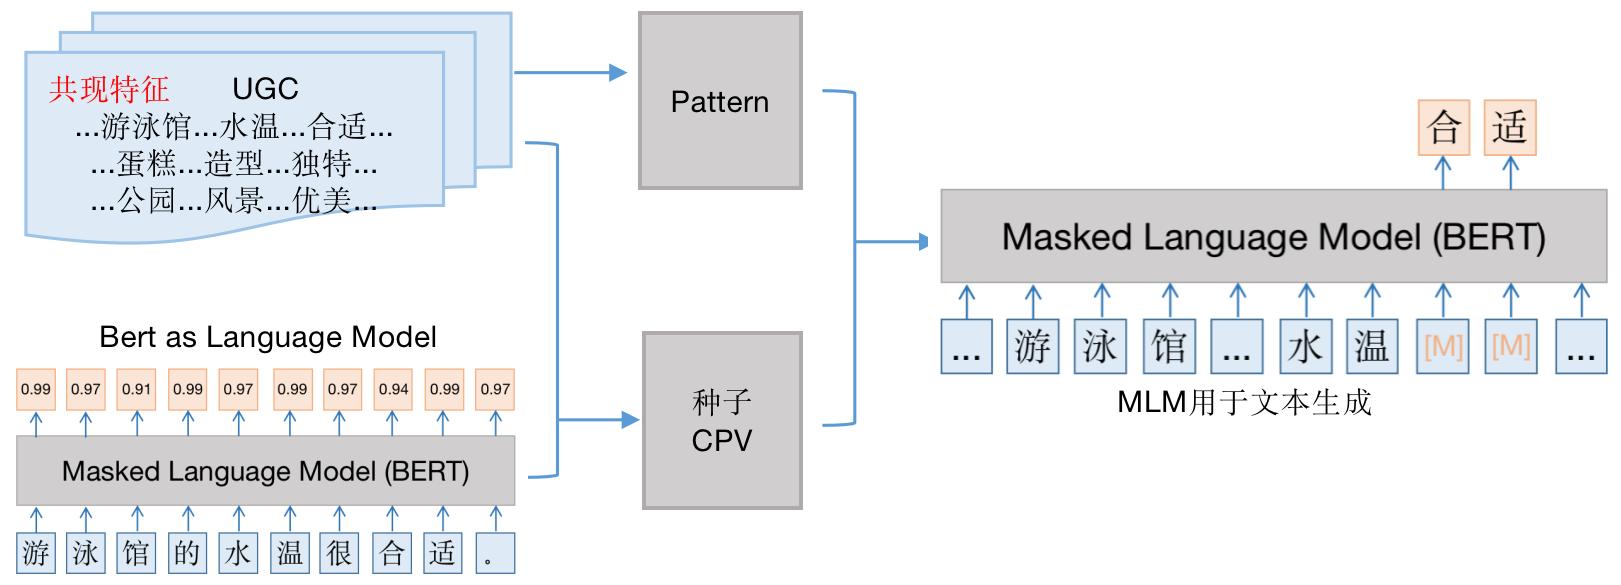 图14 概念属性关系生成模型